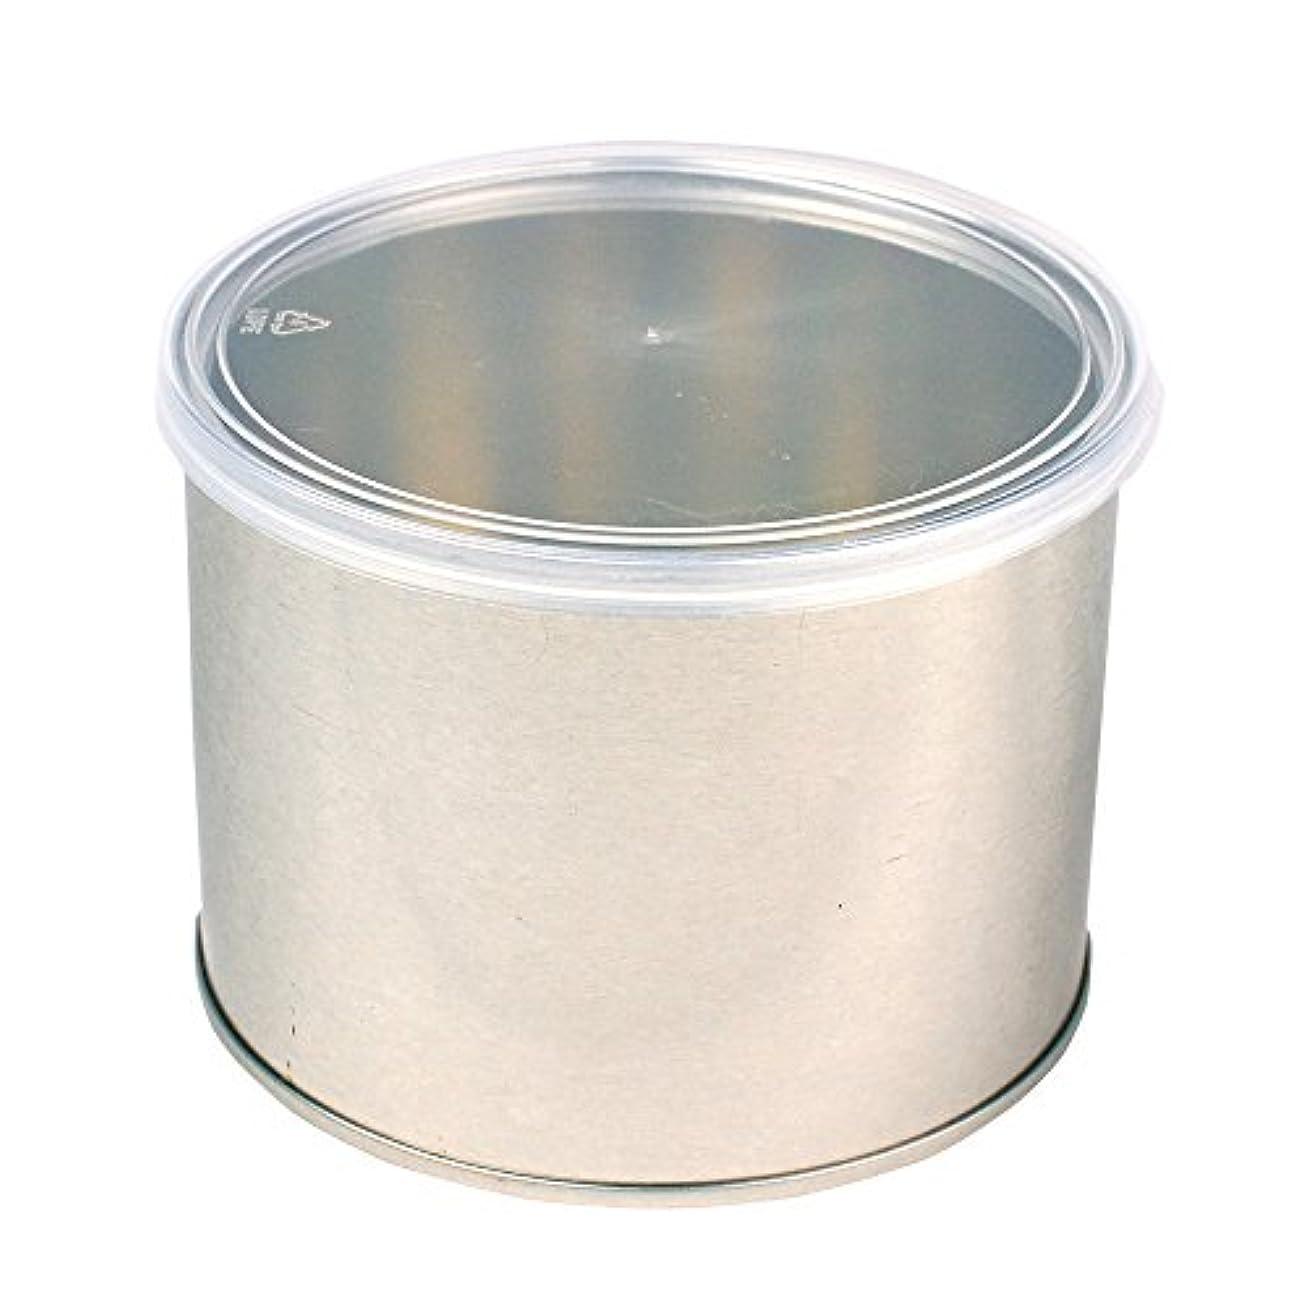 置くためにパック時中絶ワックス脱毛用スチール缶 ハード?ソフト両用 キャップ付 1個(032-1) ブラジリアンワックス